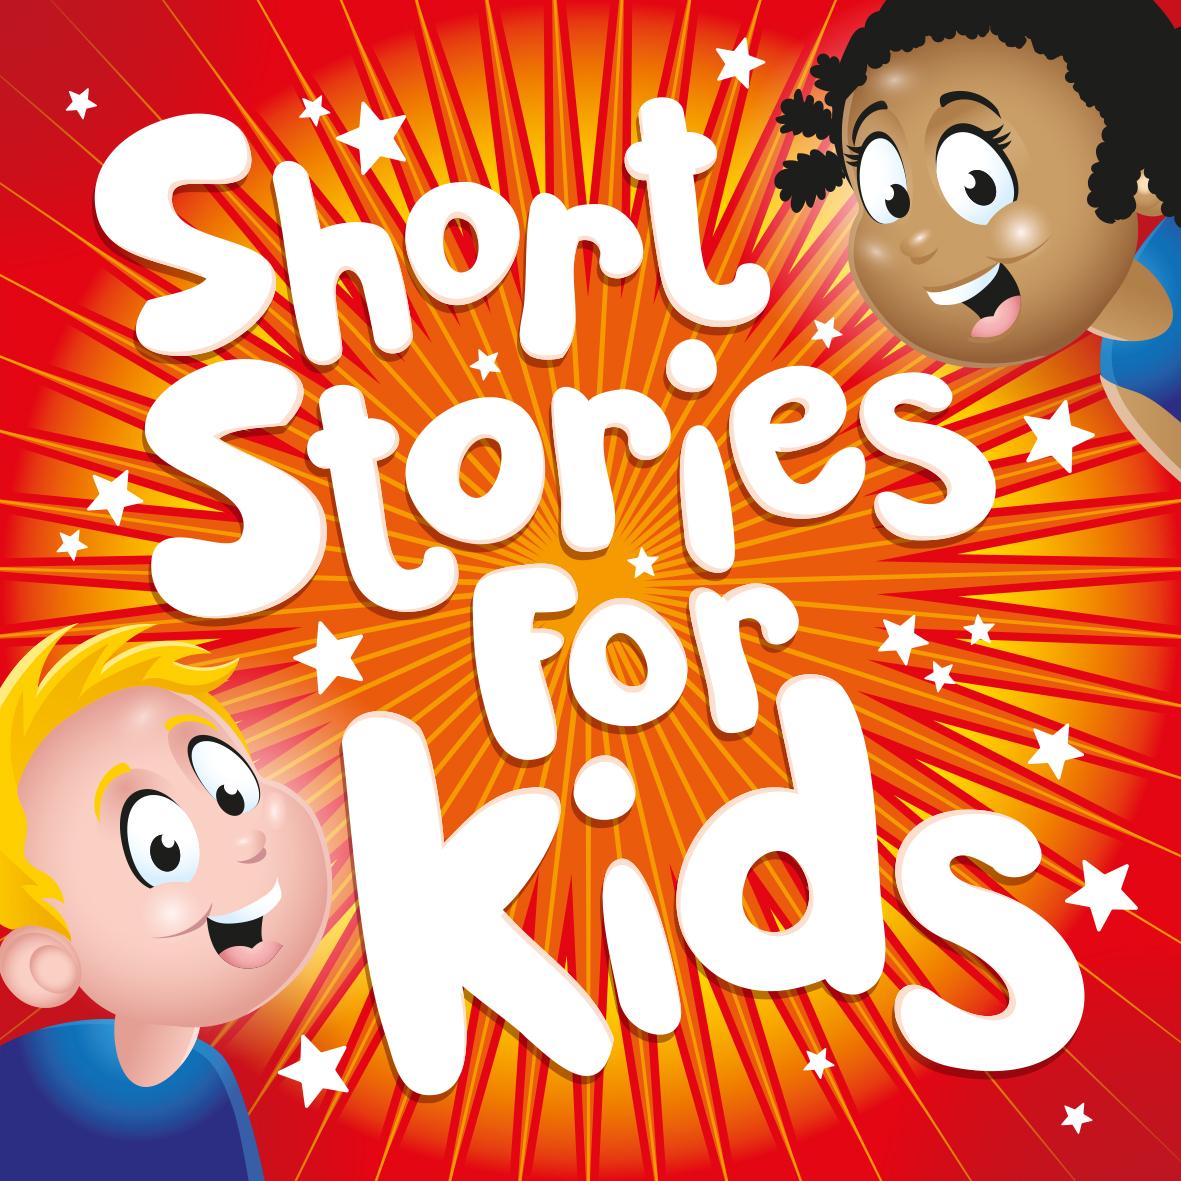 Short Stories For Kids logo